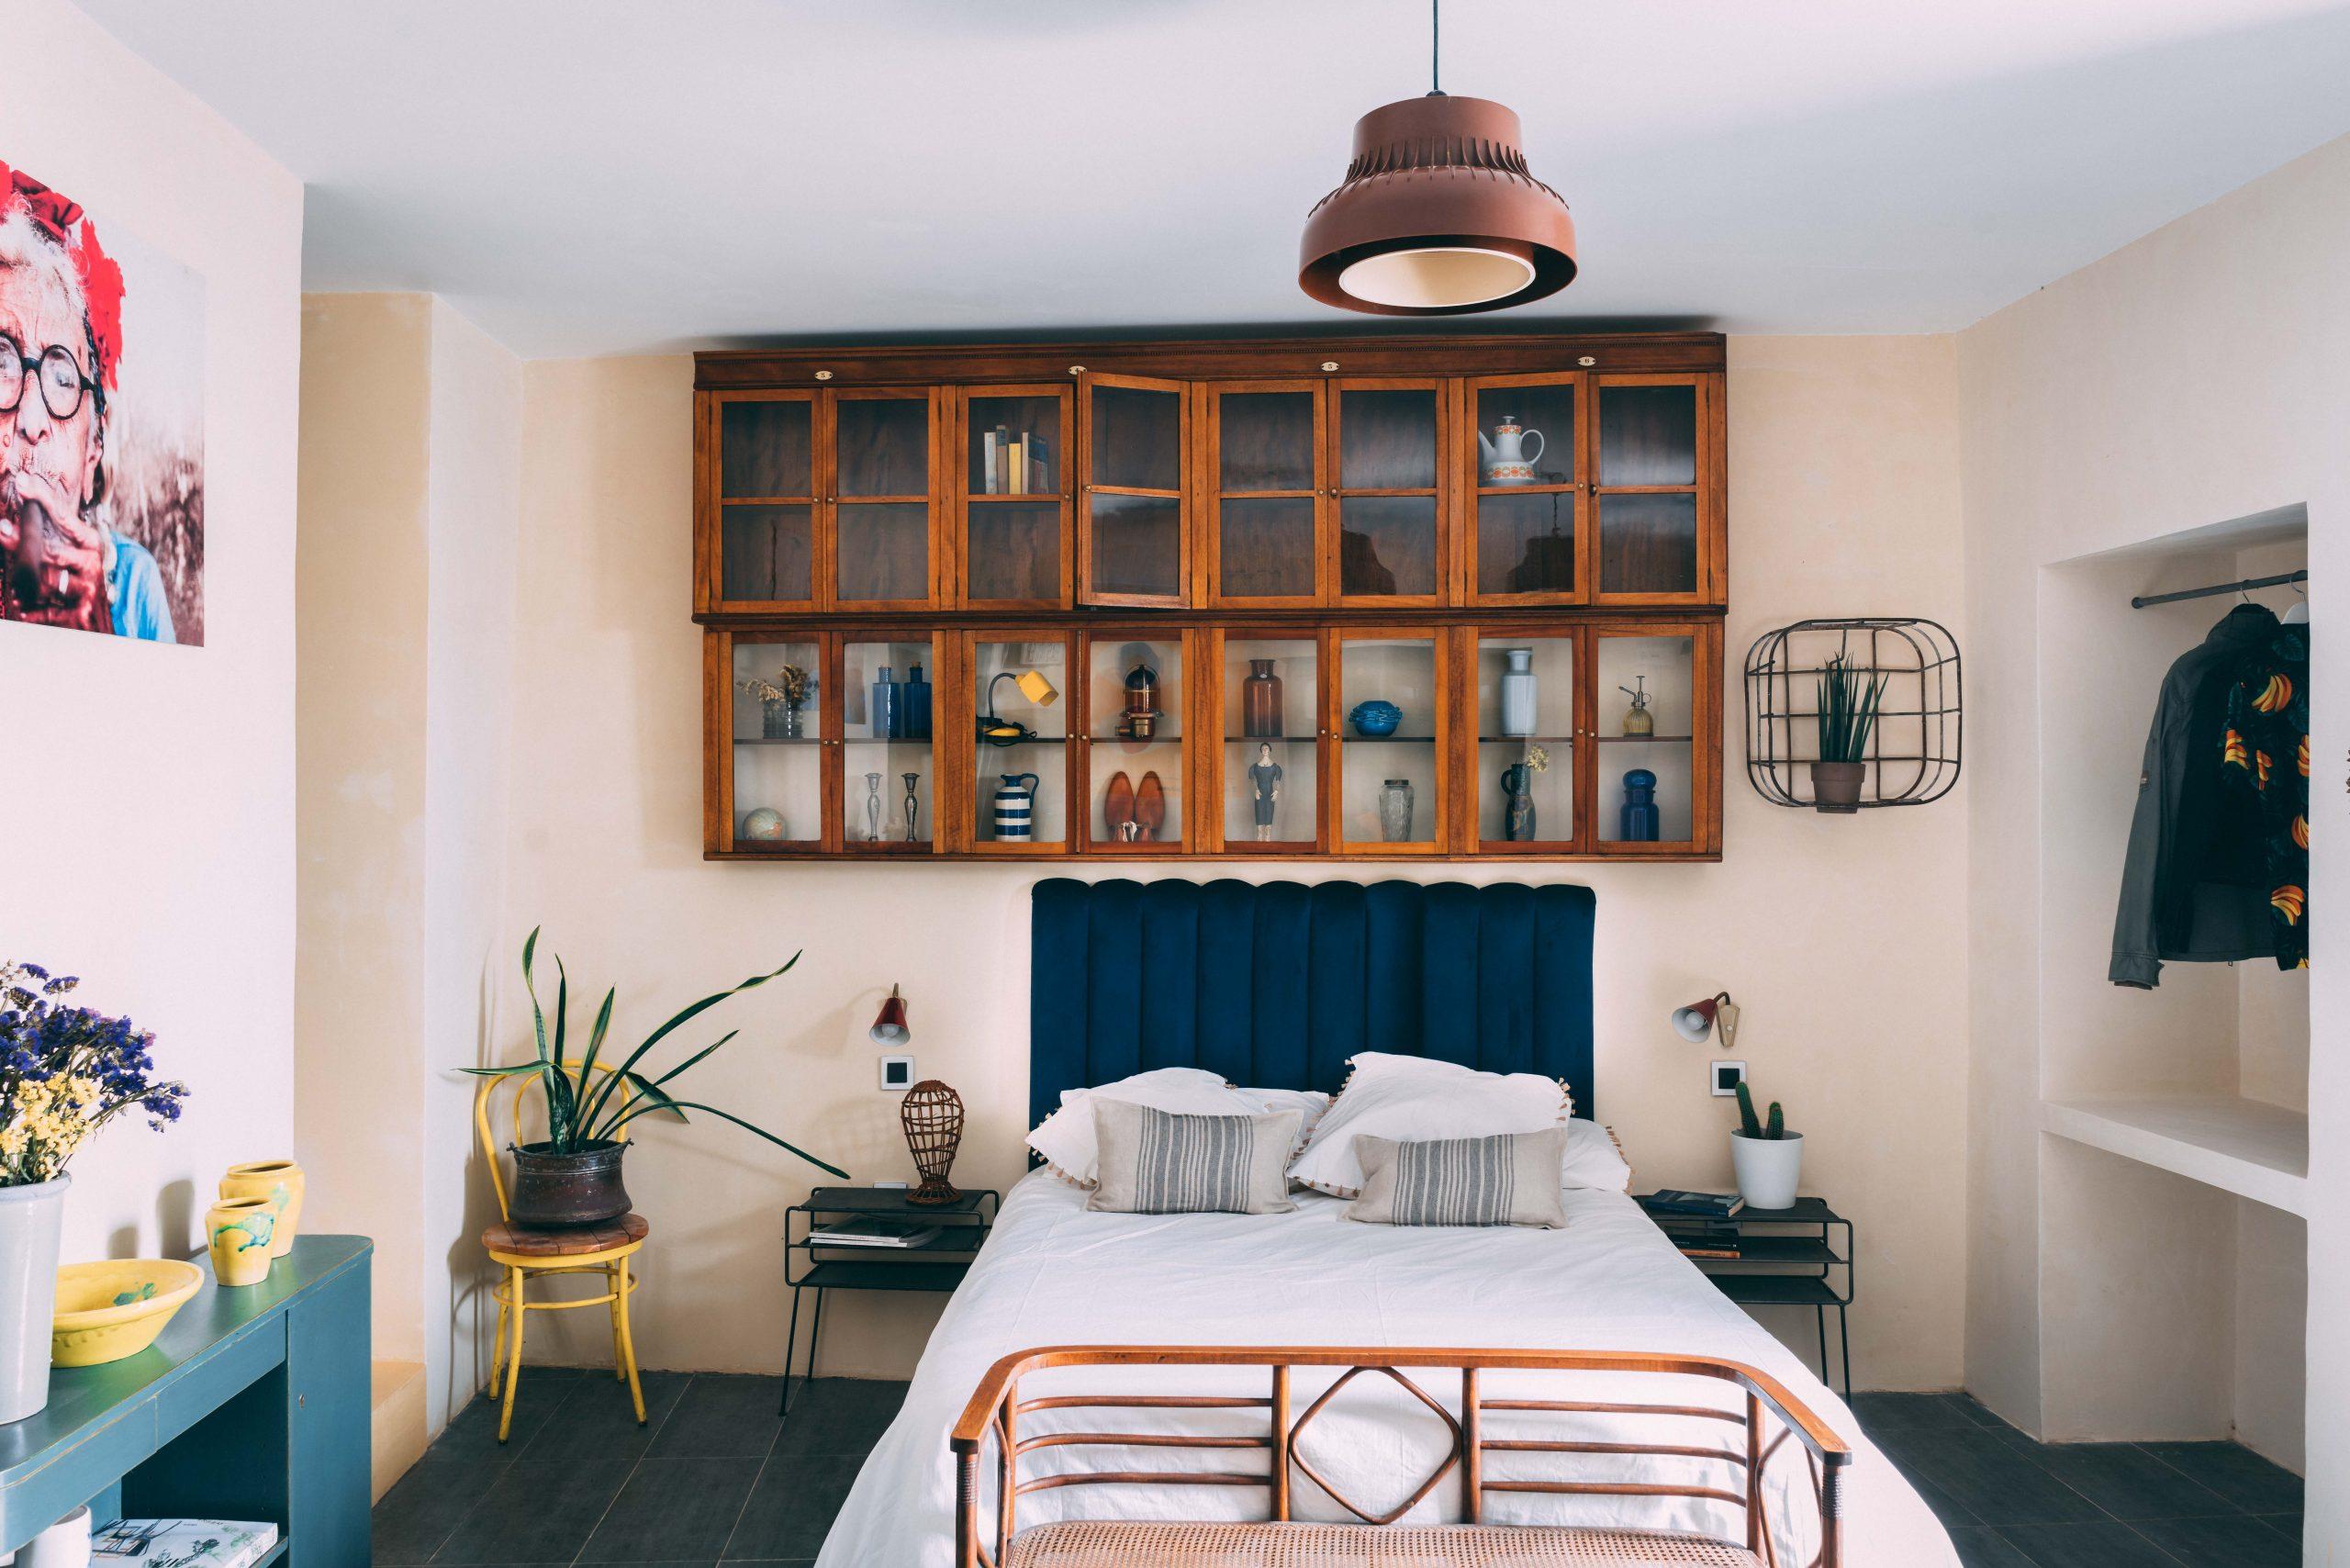 apartamento vacacional con estilo las palmas de gran canaria